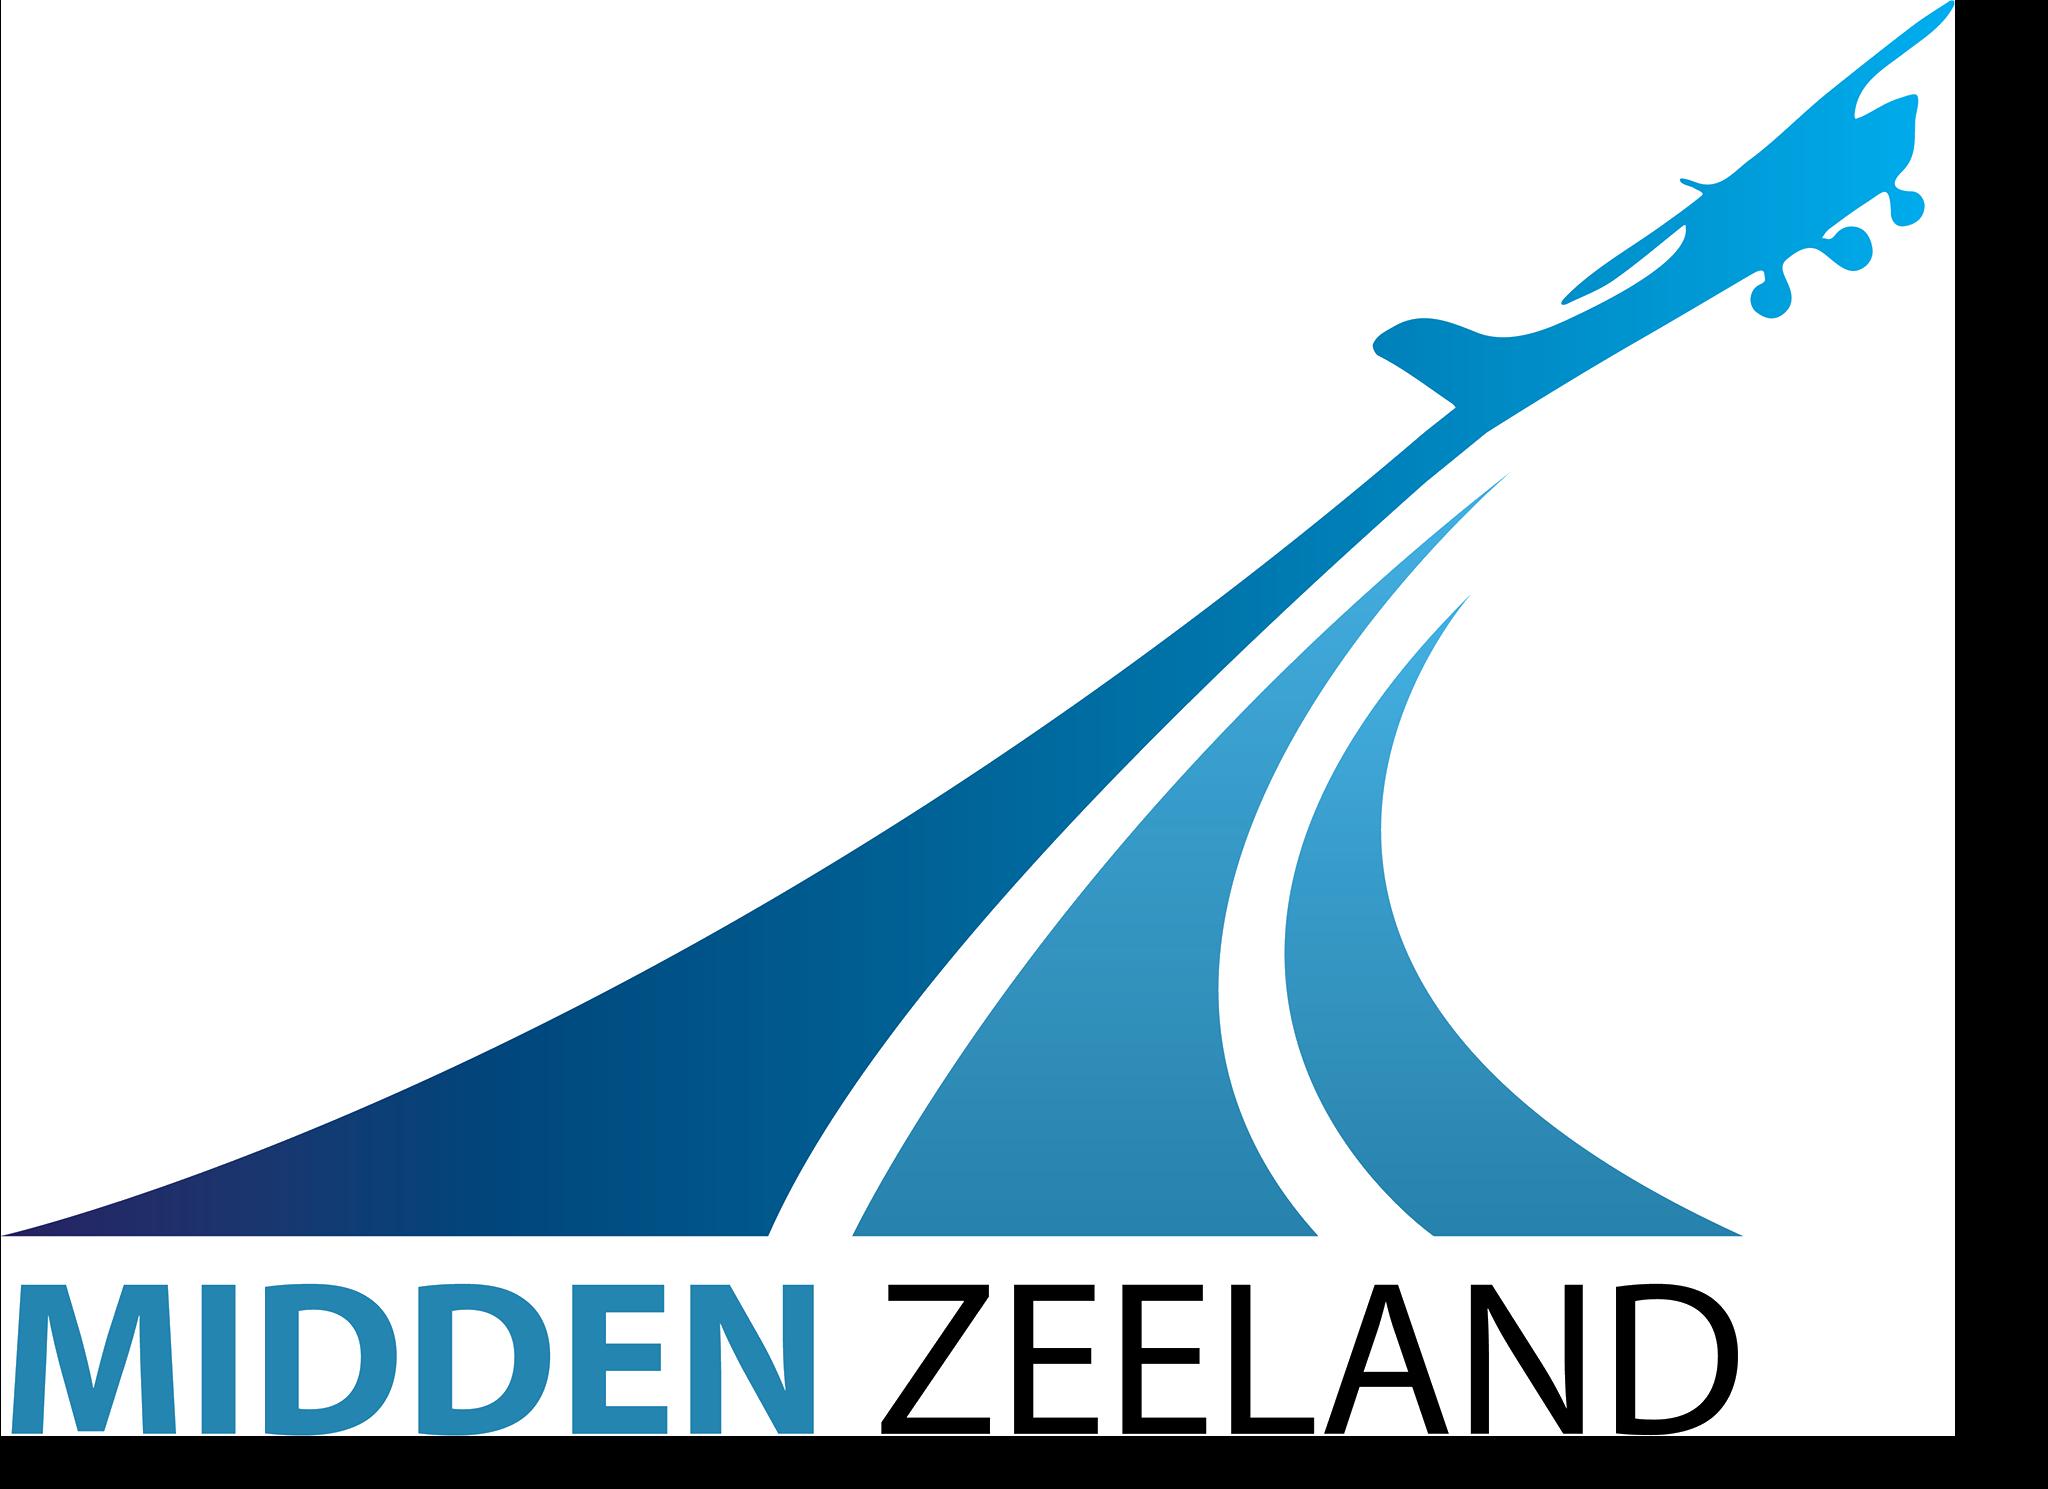 midden zeeland logo